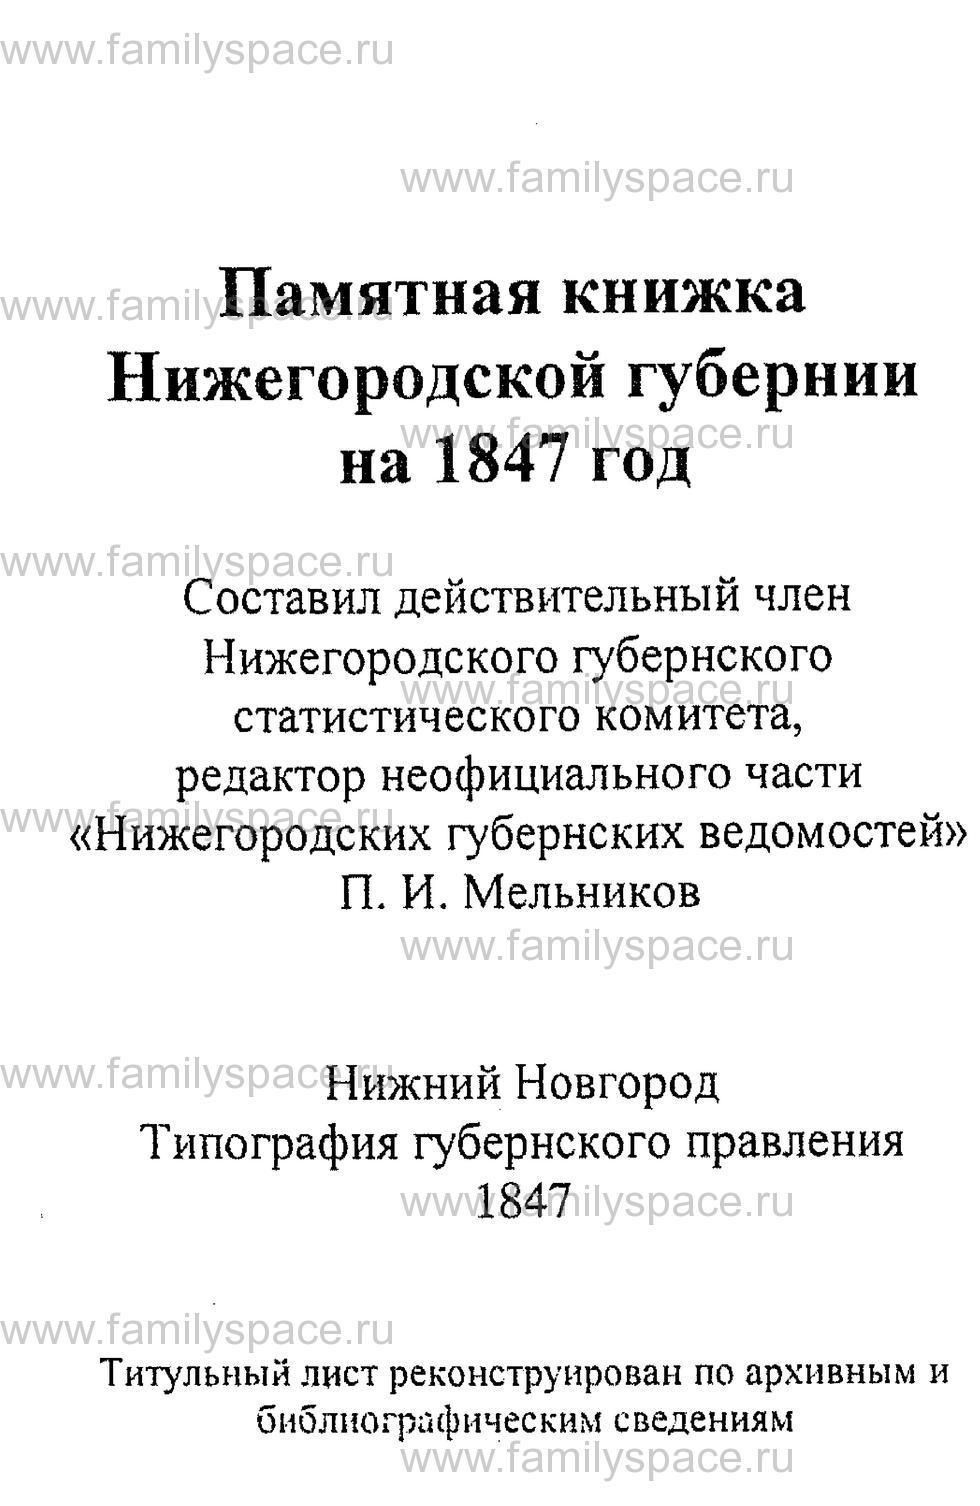 Поиск по фамилии - Памятная книжка Нижегородской губернии на 1847 год, страница -2